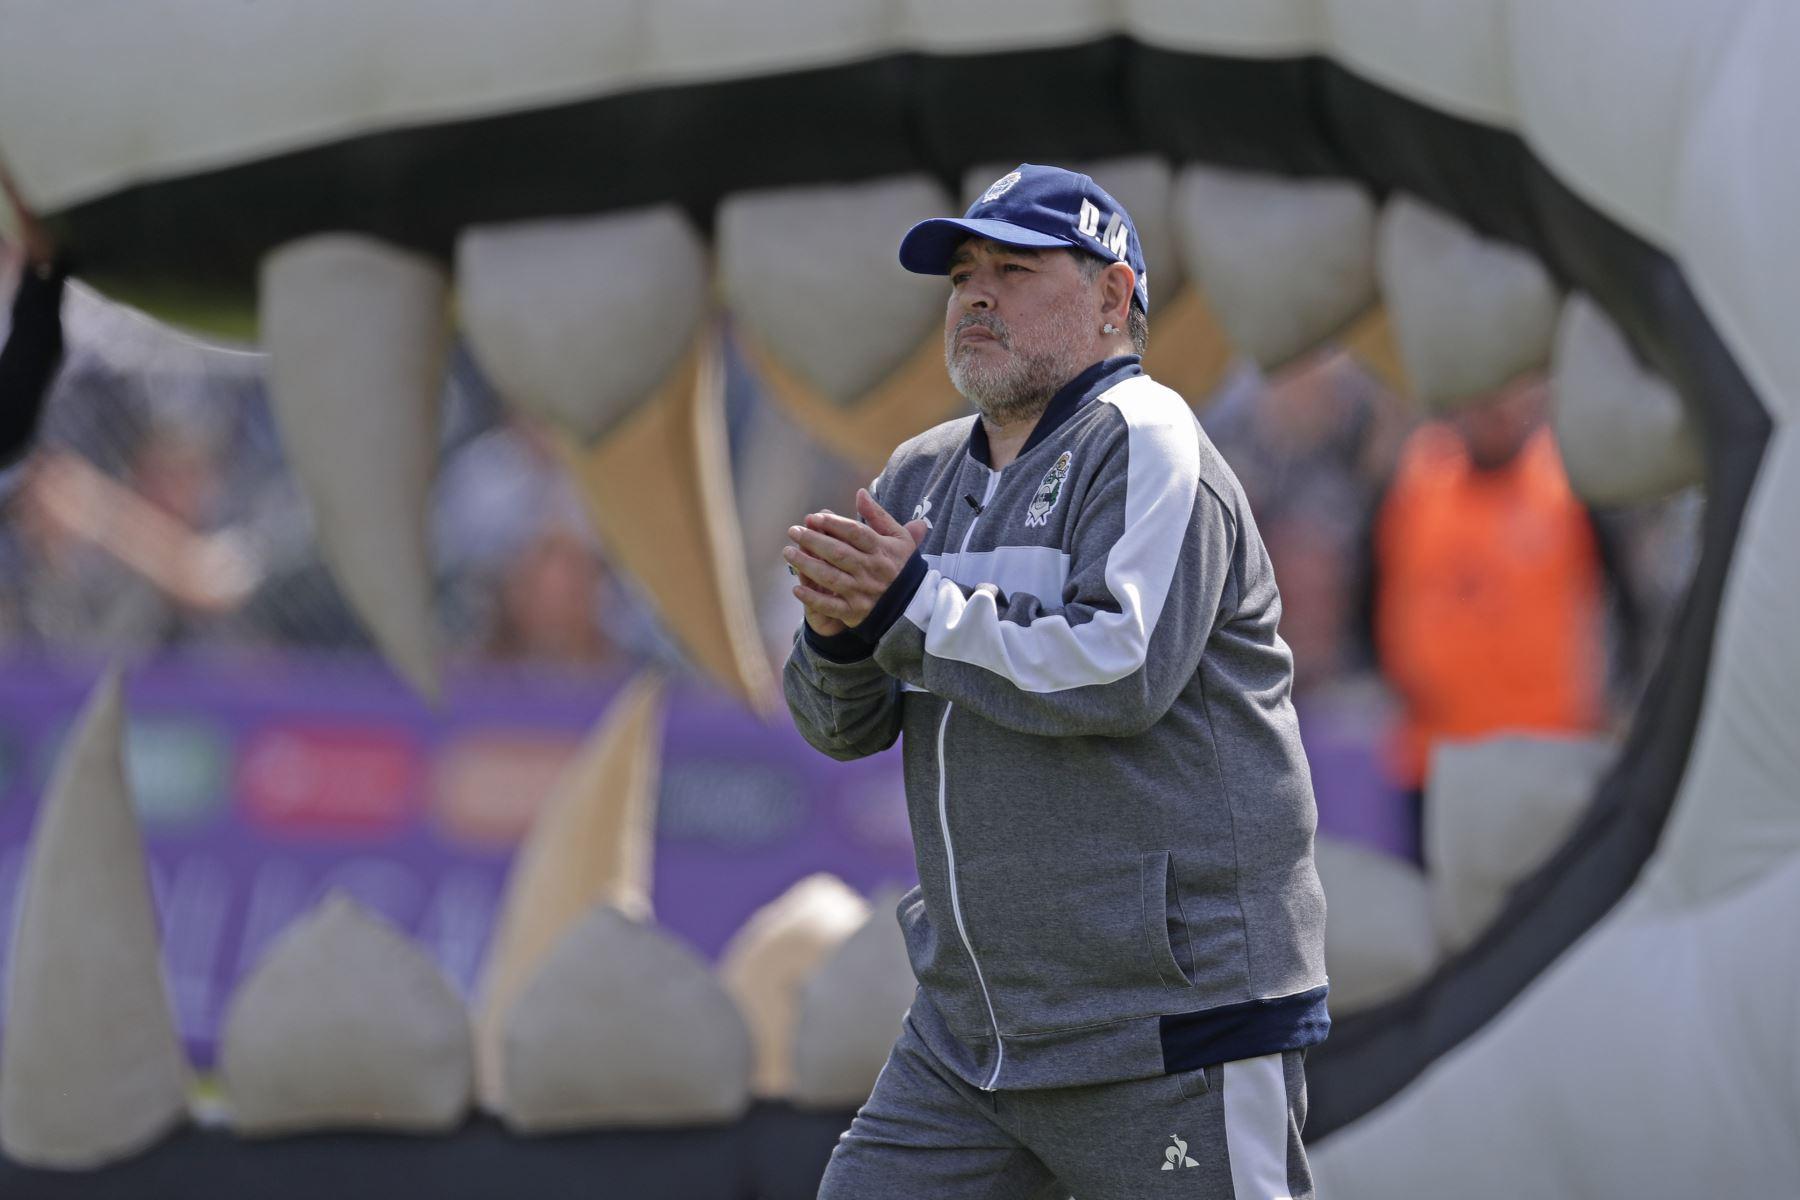 La ex estrella del fútbol argentino y entrenador del nuevo equipo de Gimnasia y Esgrima La Plata Diego Armando Maradona hace gestos durante su partido de fútbol de la Superliga de la Primera División de Argentina contra el Racing Club. Foto: AFP